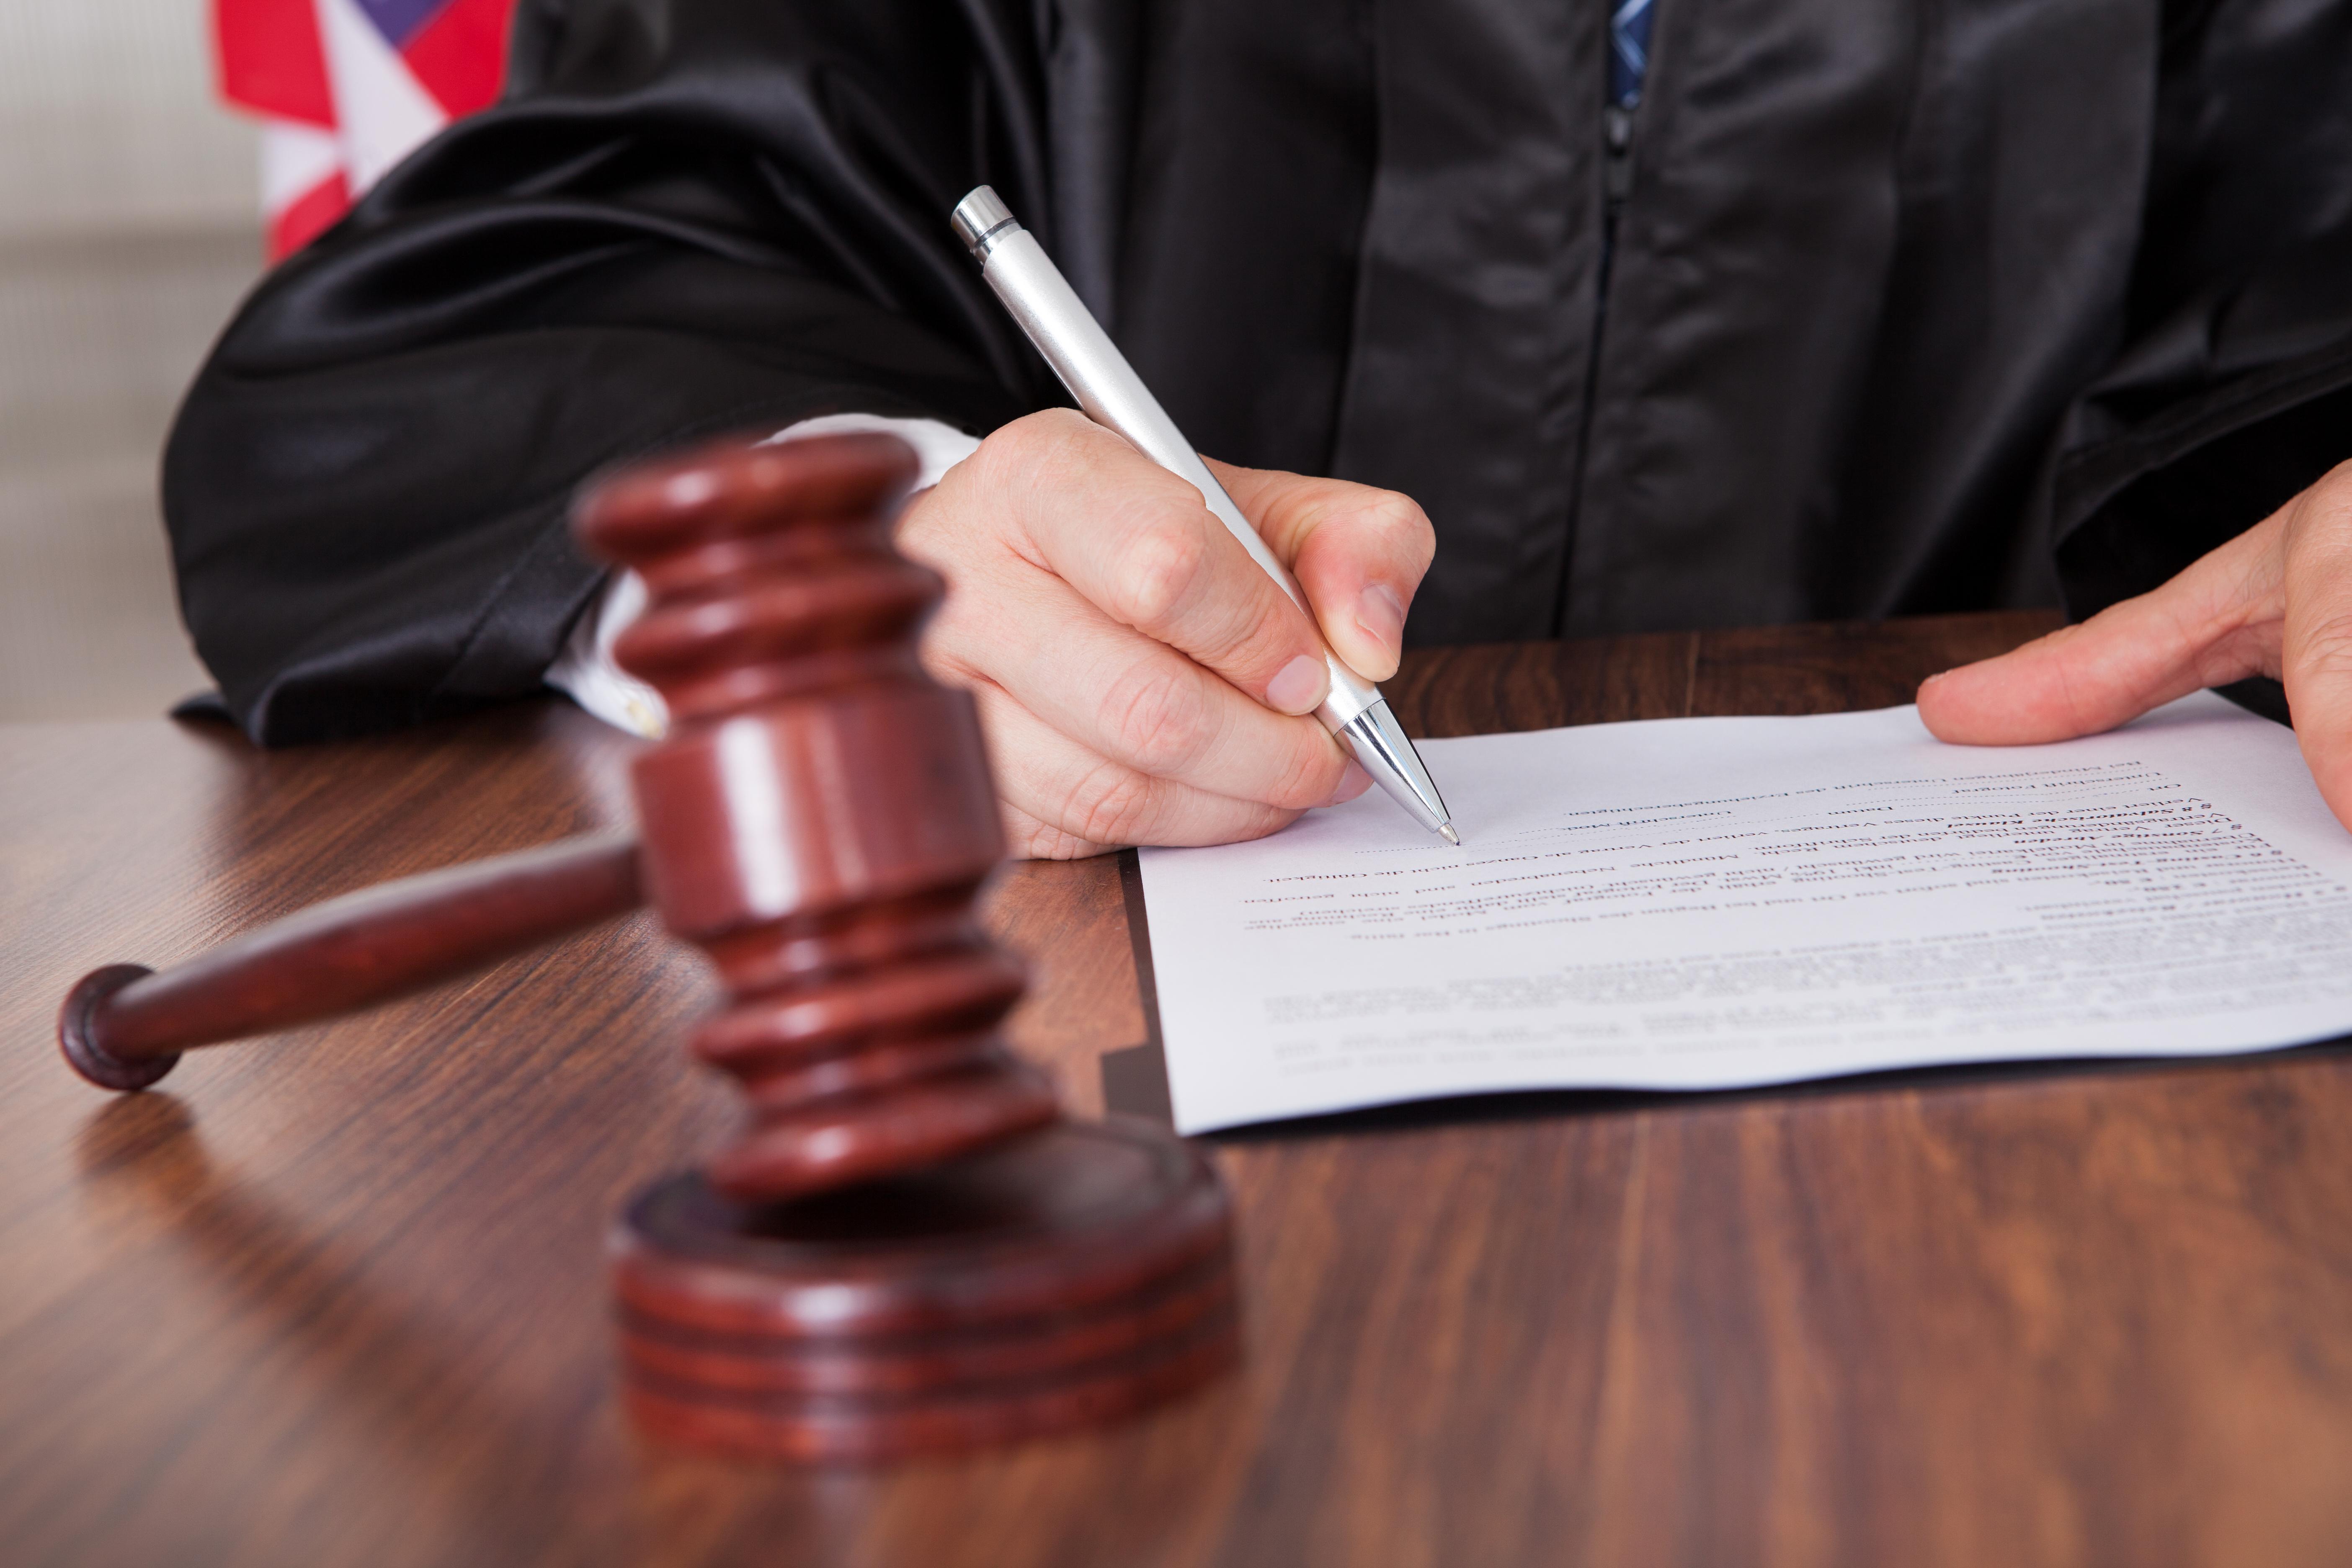 תחום המשפטים מאפשר ורסטיליות רבה (צילום: Shutterstock)